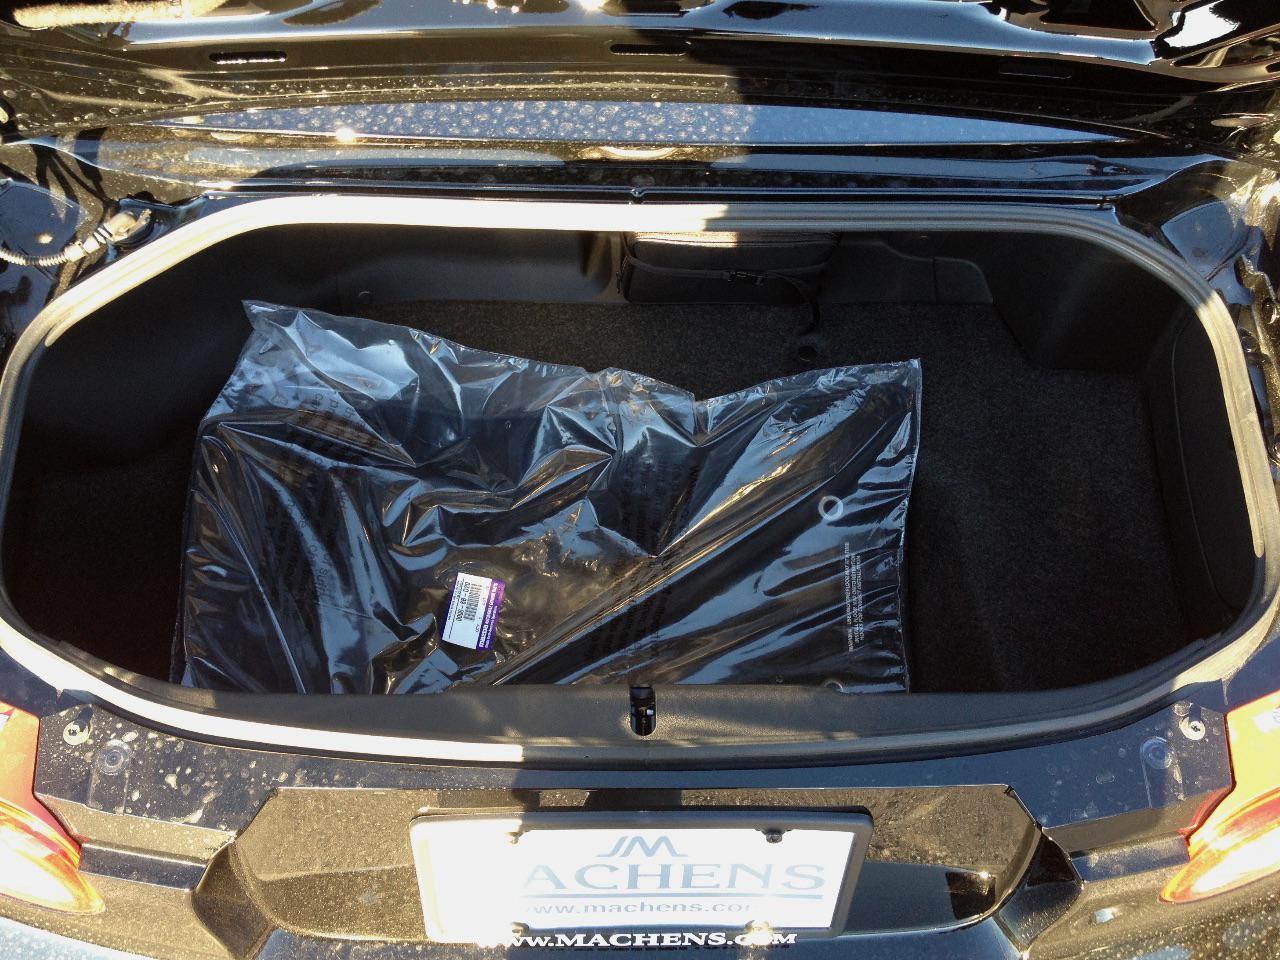 2013 Mazda MX-5 - Trunk